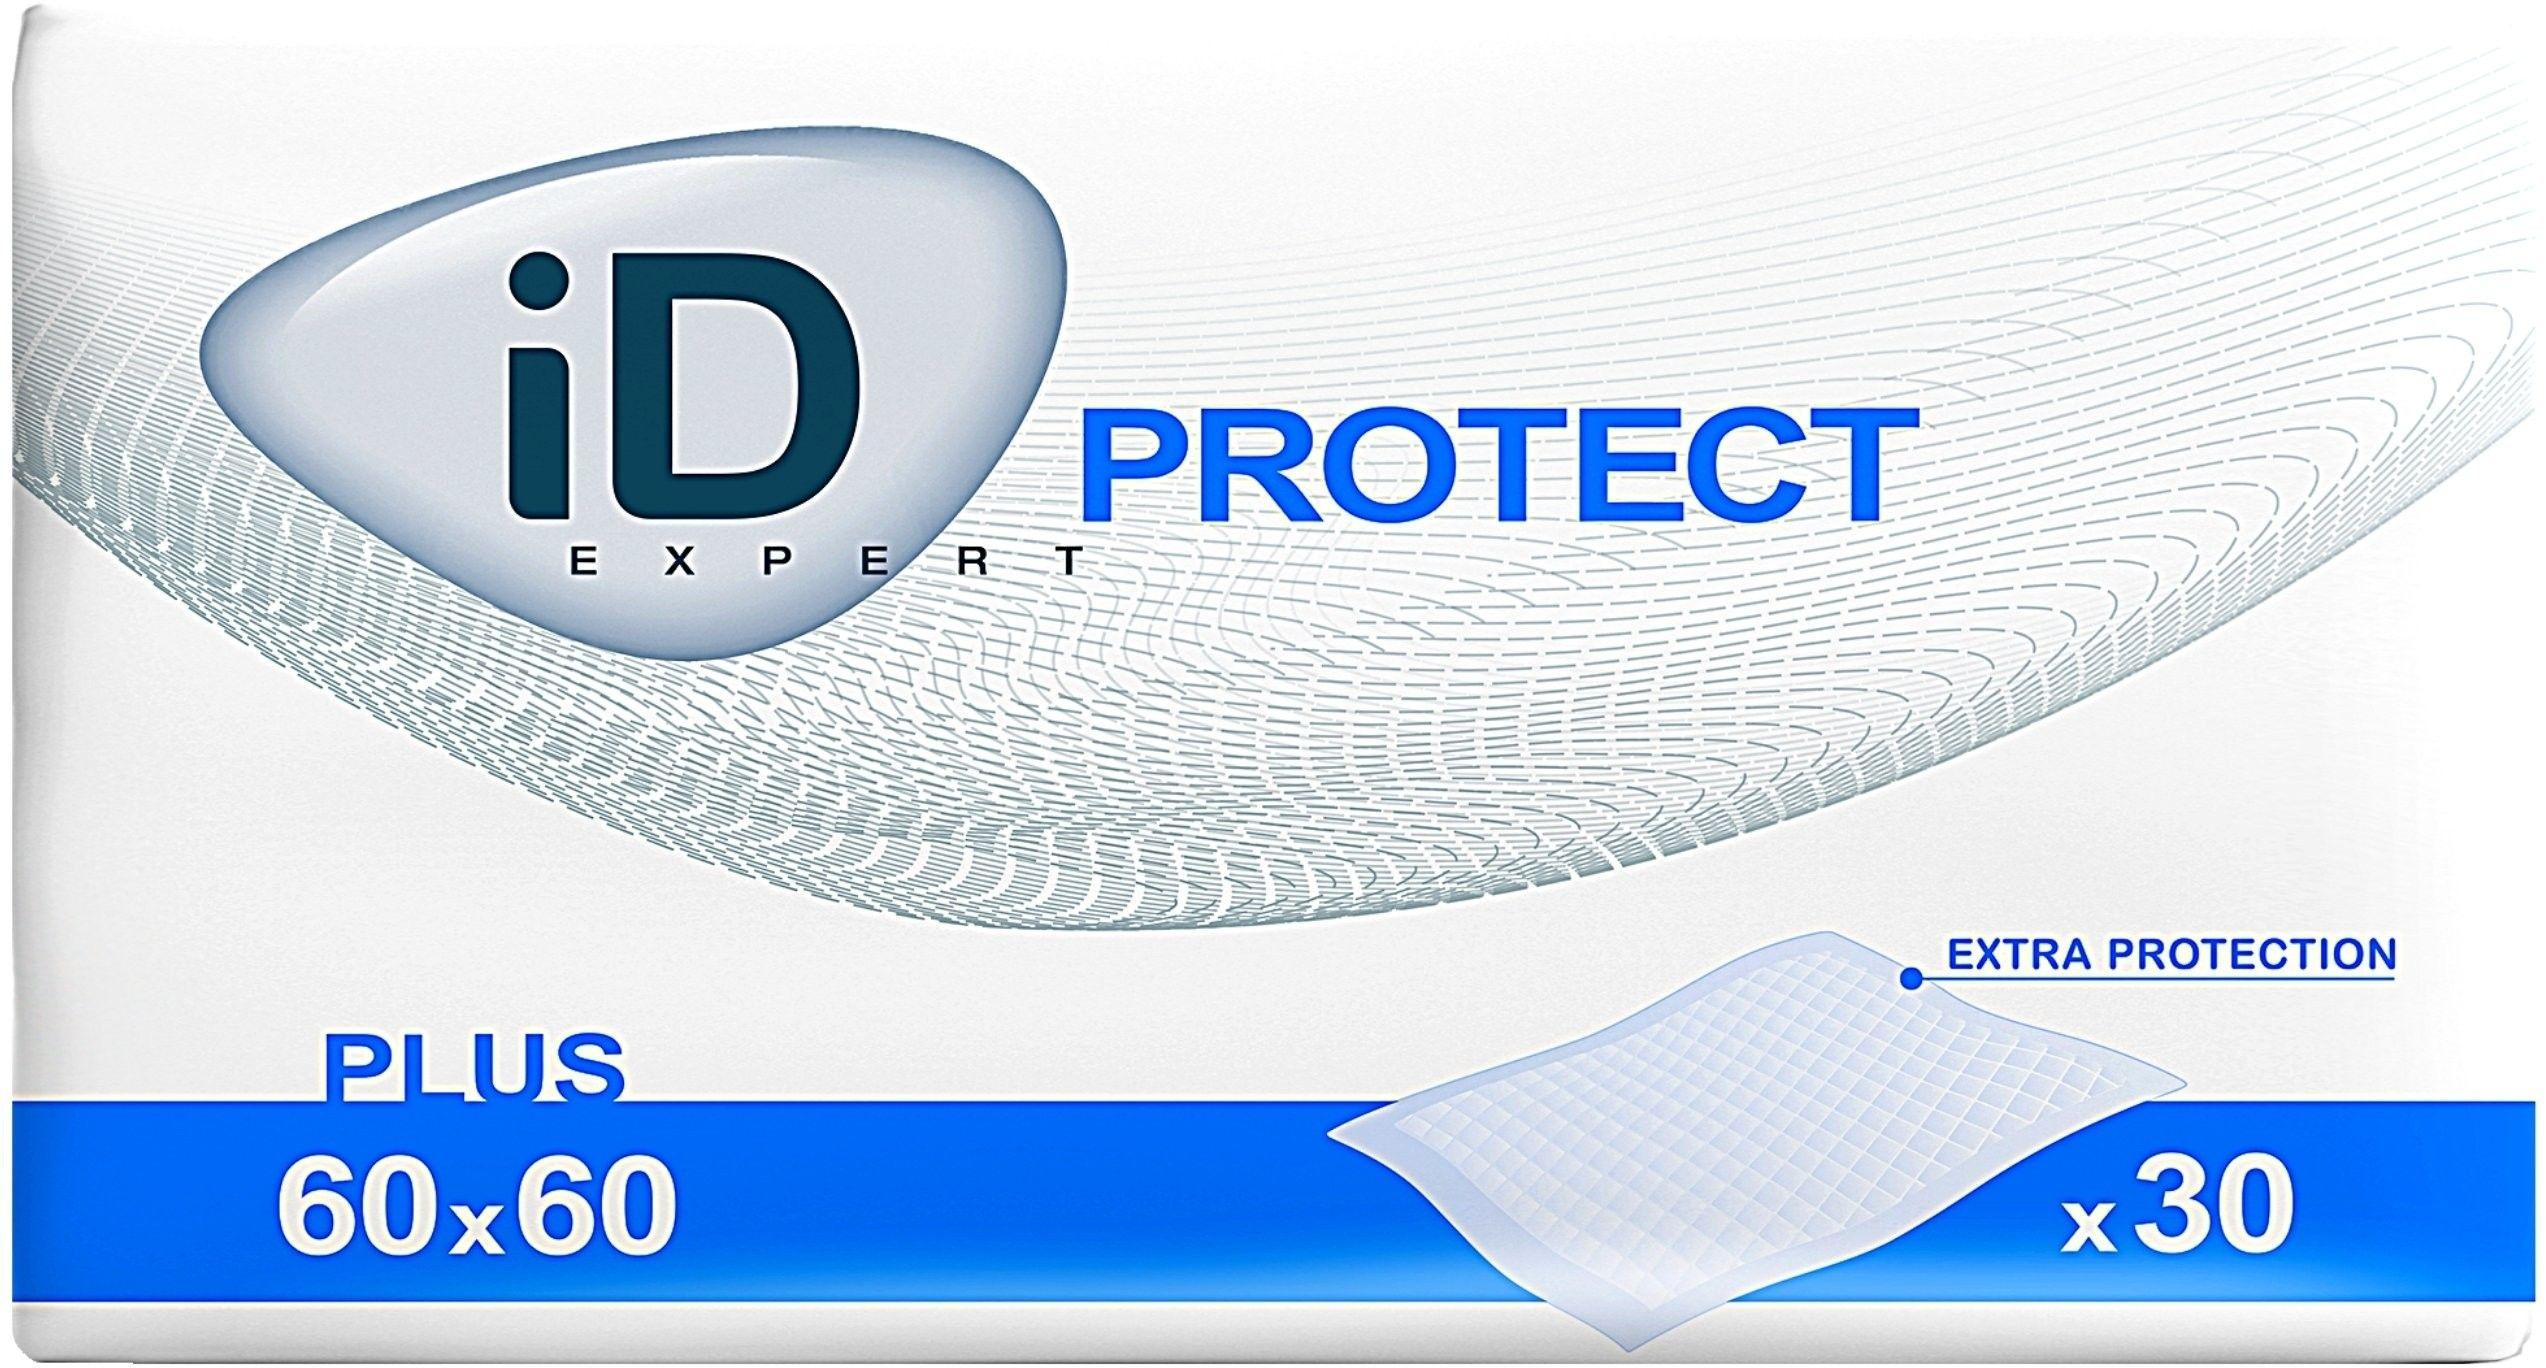 Ekstra chłonne podkłady higieniczne ONTEX iD Expert Protect 30 sztuk